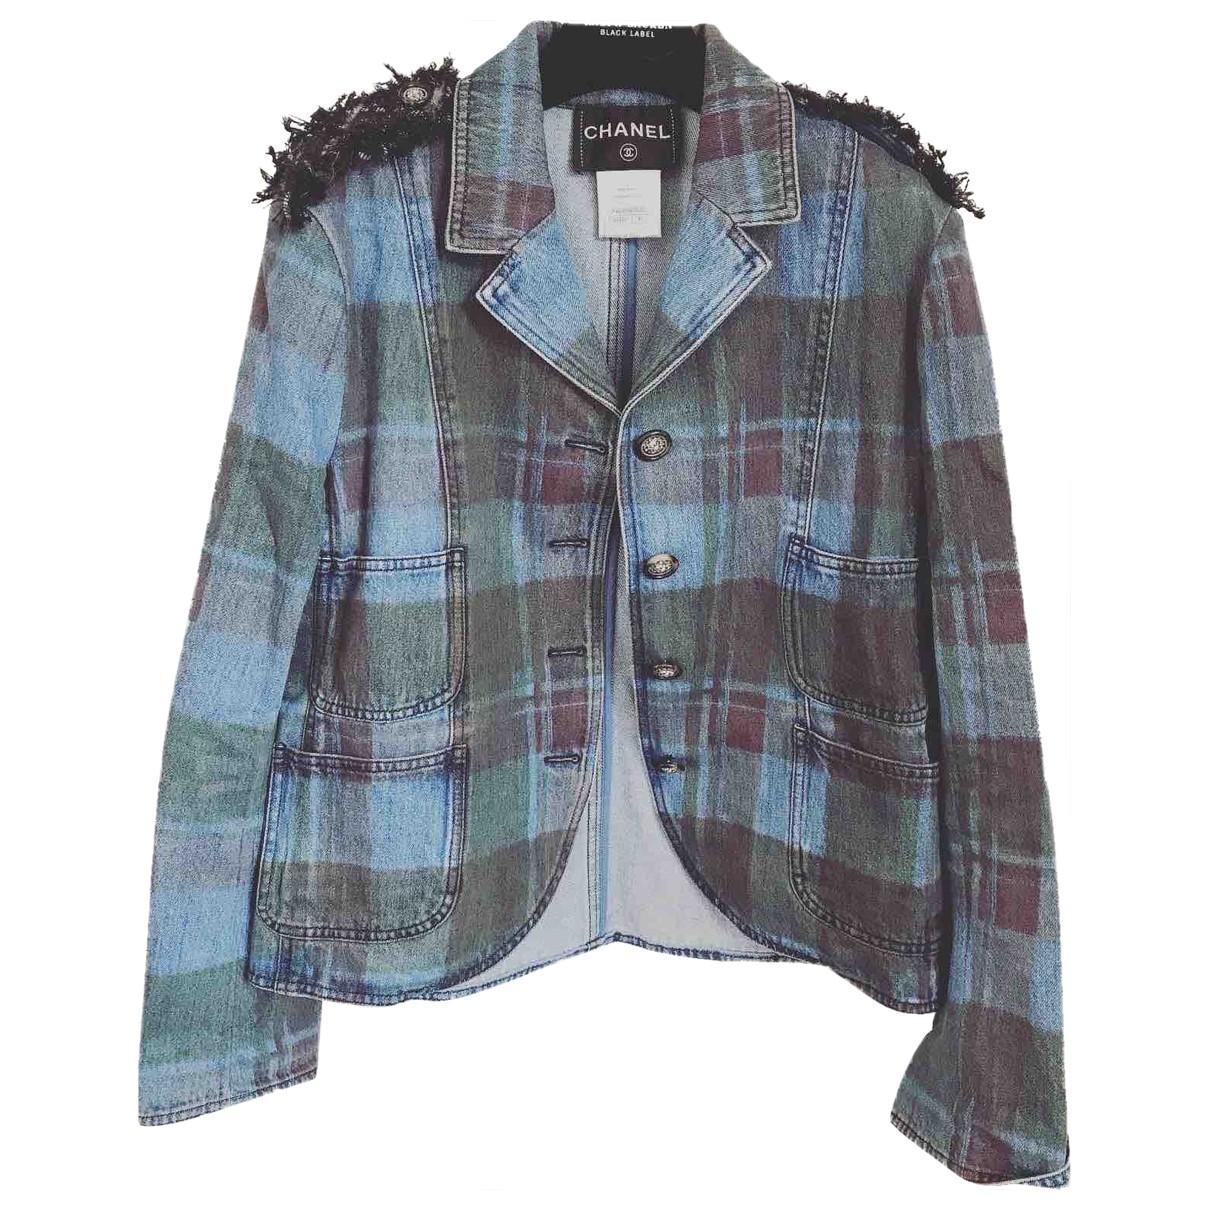 Chanel \N Jacke in  Bunt Denim - Jeans